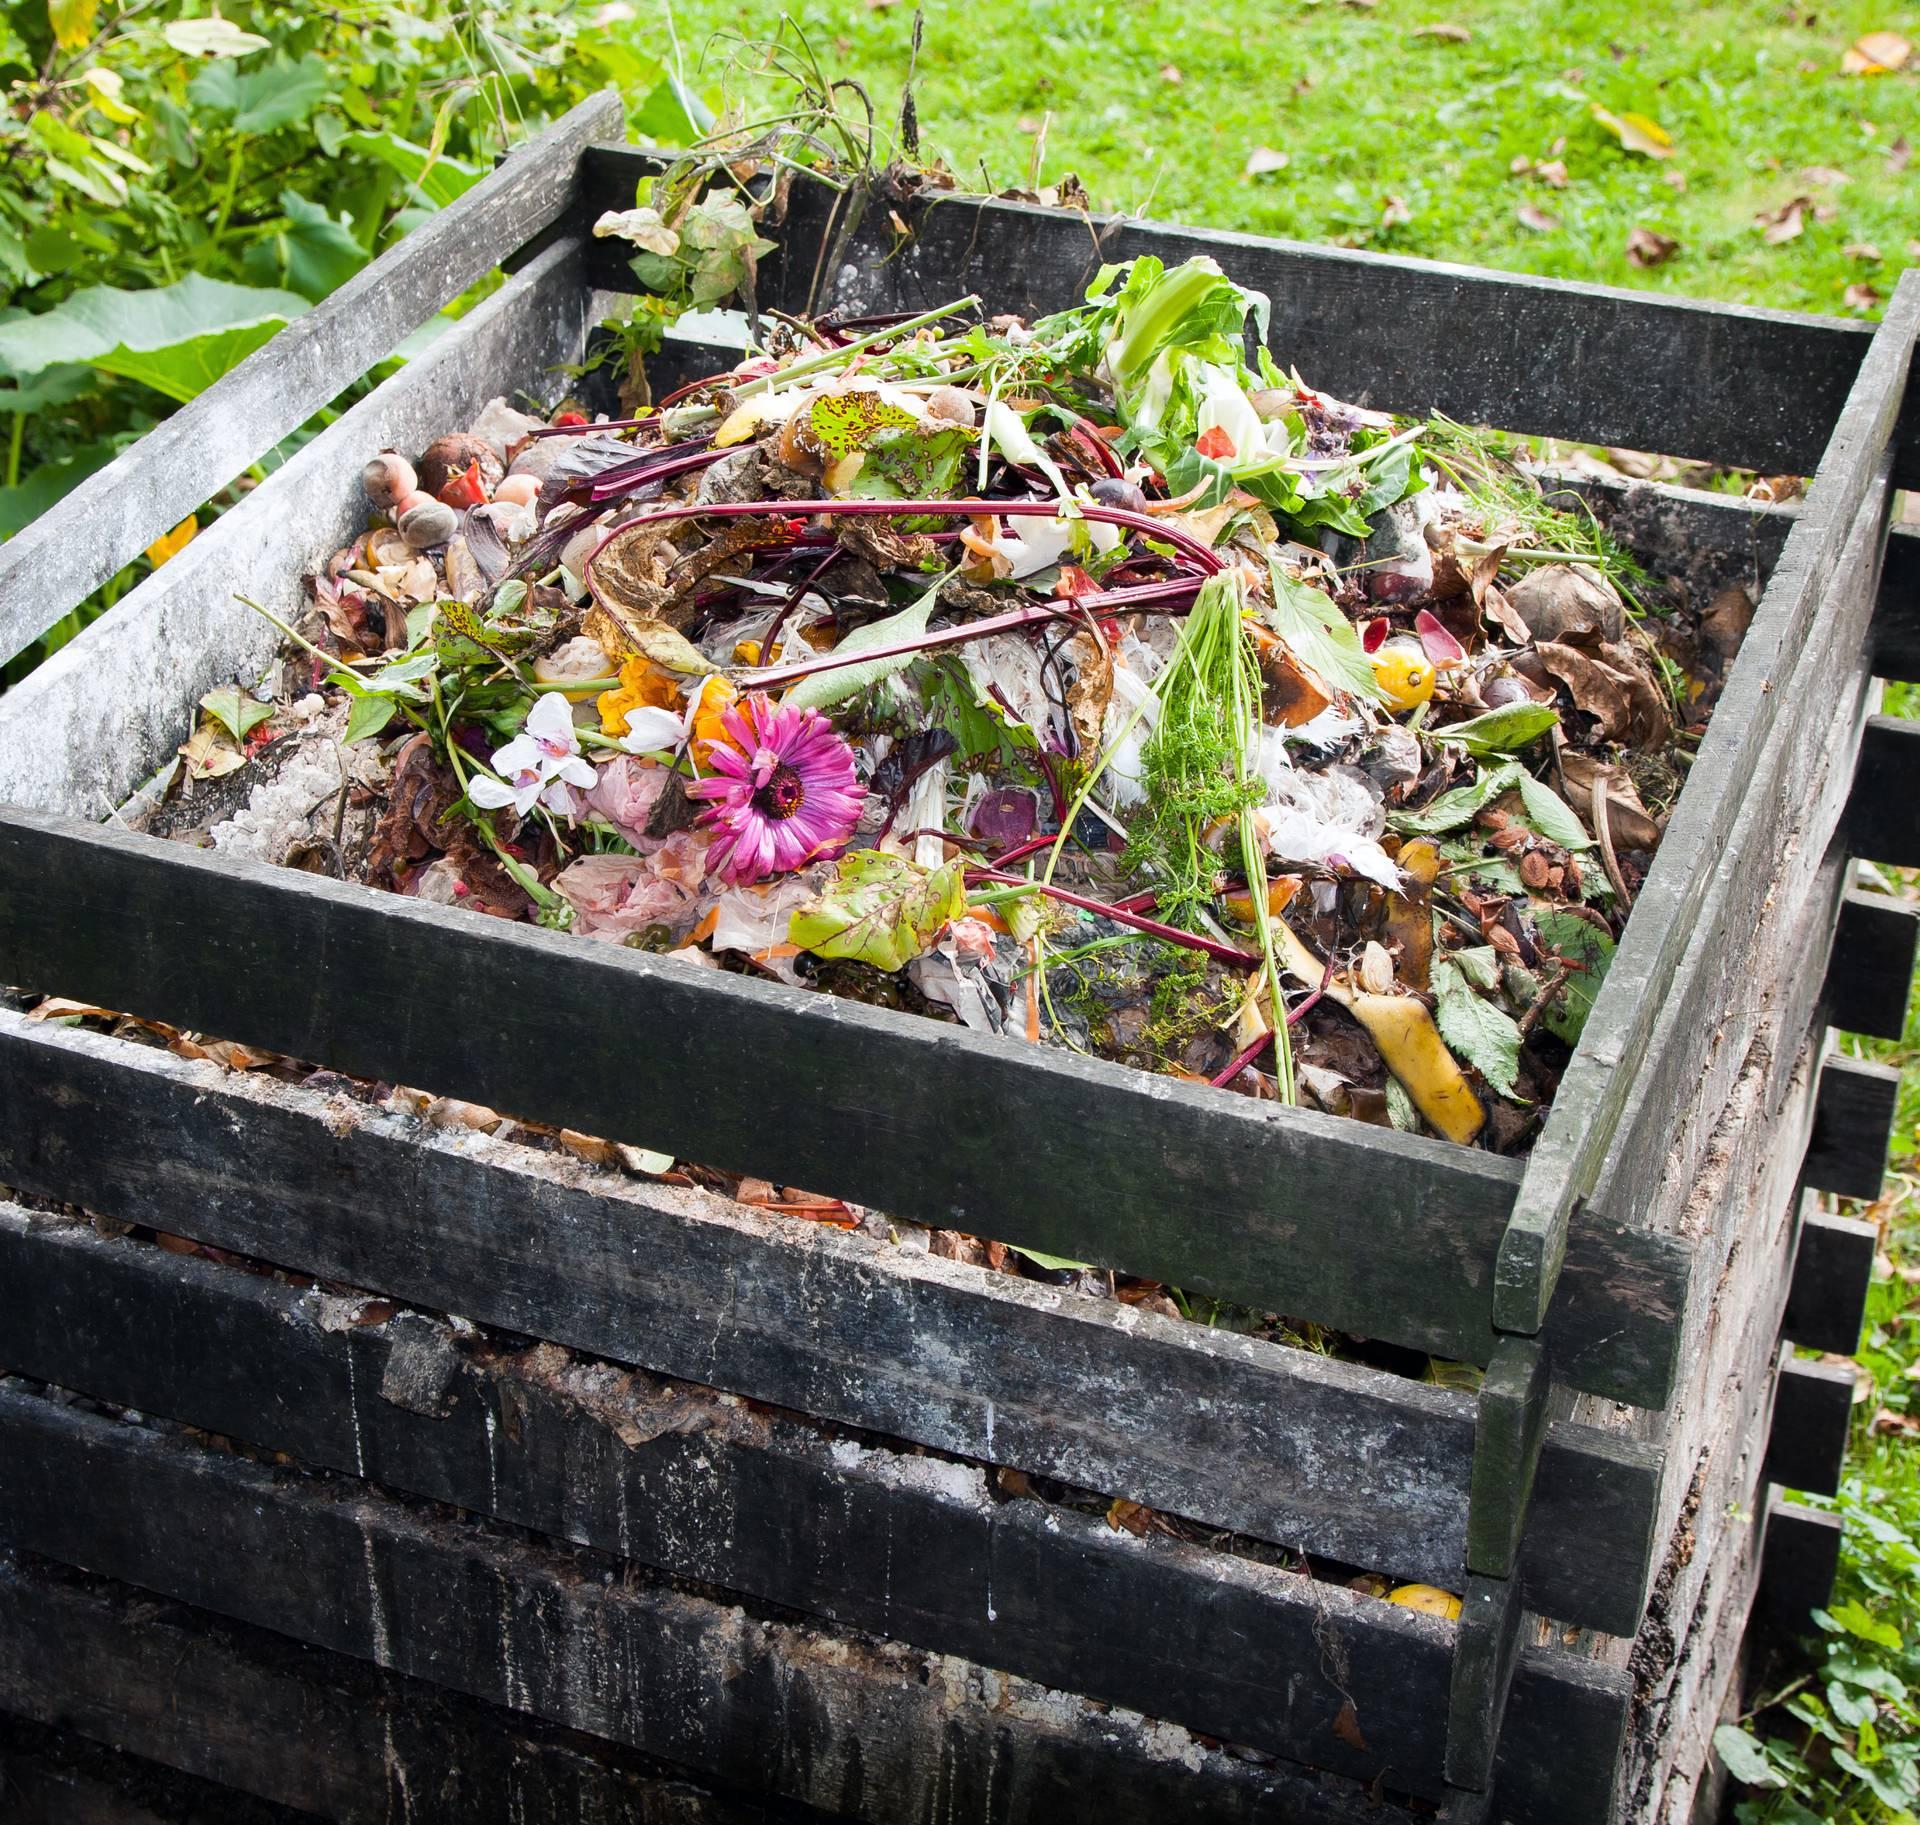 Top savjeti stručnjaka kako napraviti savršeni kompost: Za plodonosan vrt i zdrave biljke